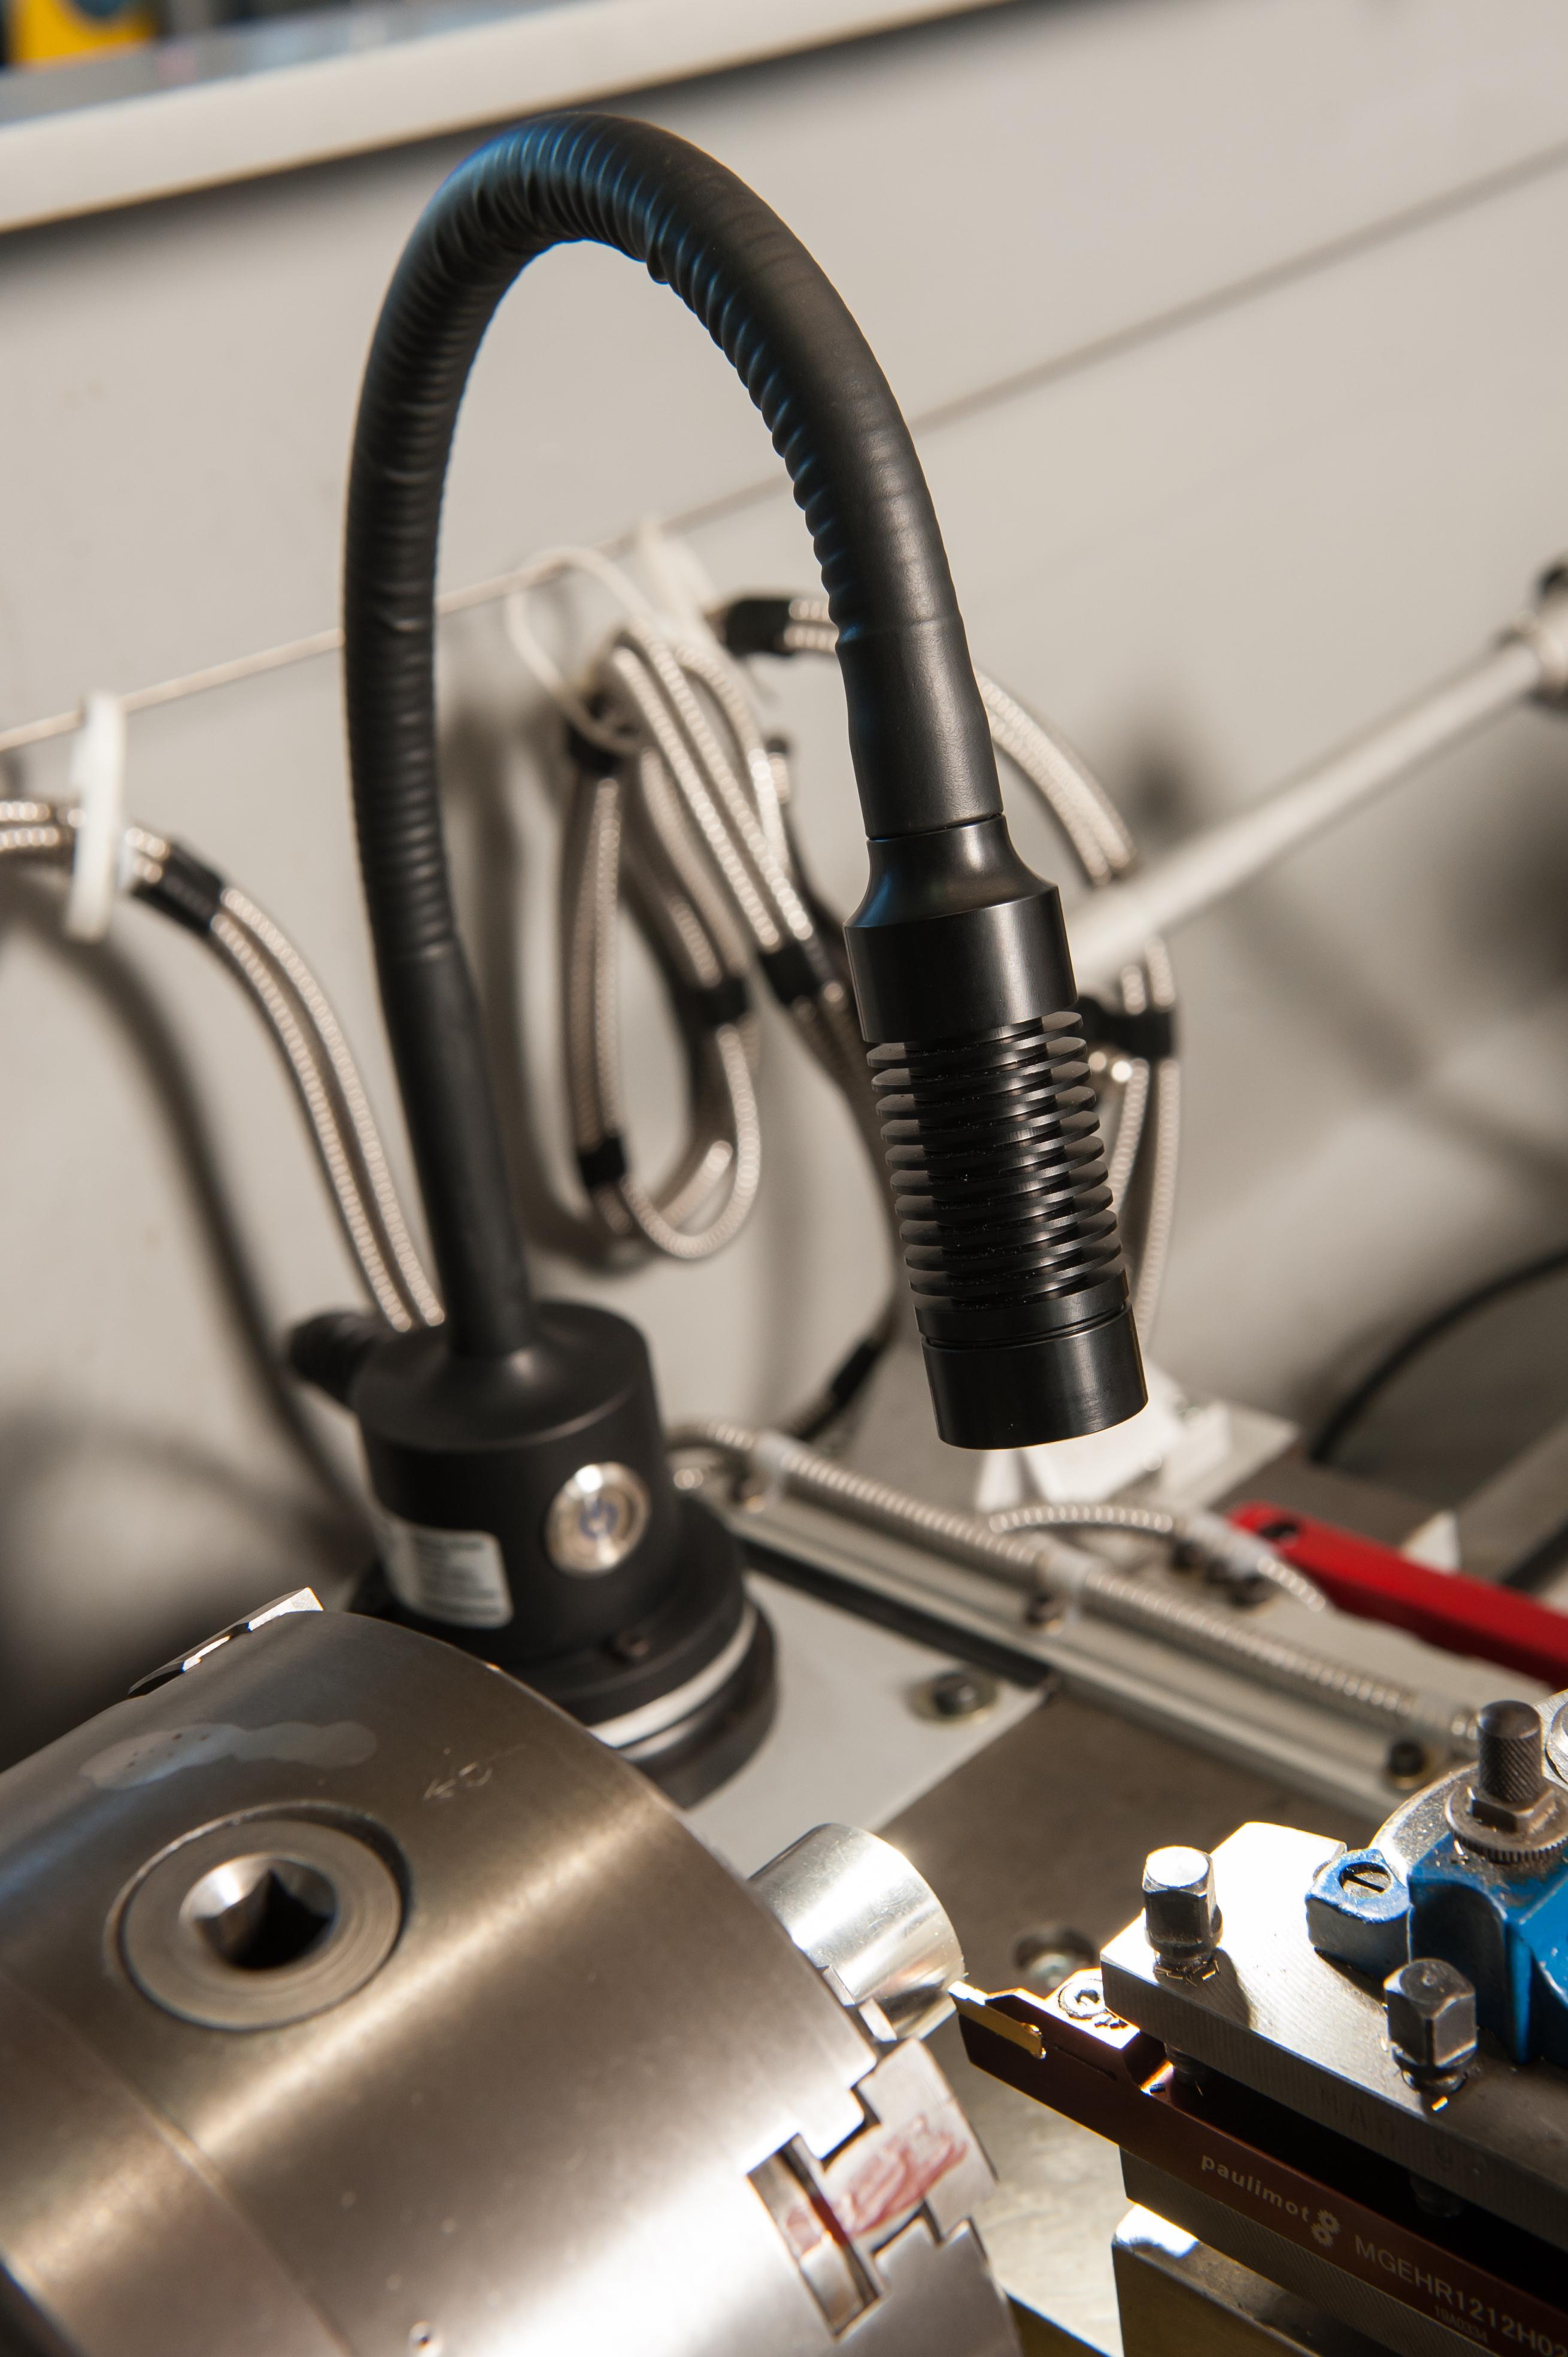 Serie 65: 18°/ Flex 500 mm/ Magnet/ 220-240 Volt